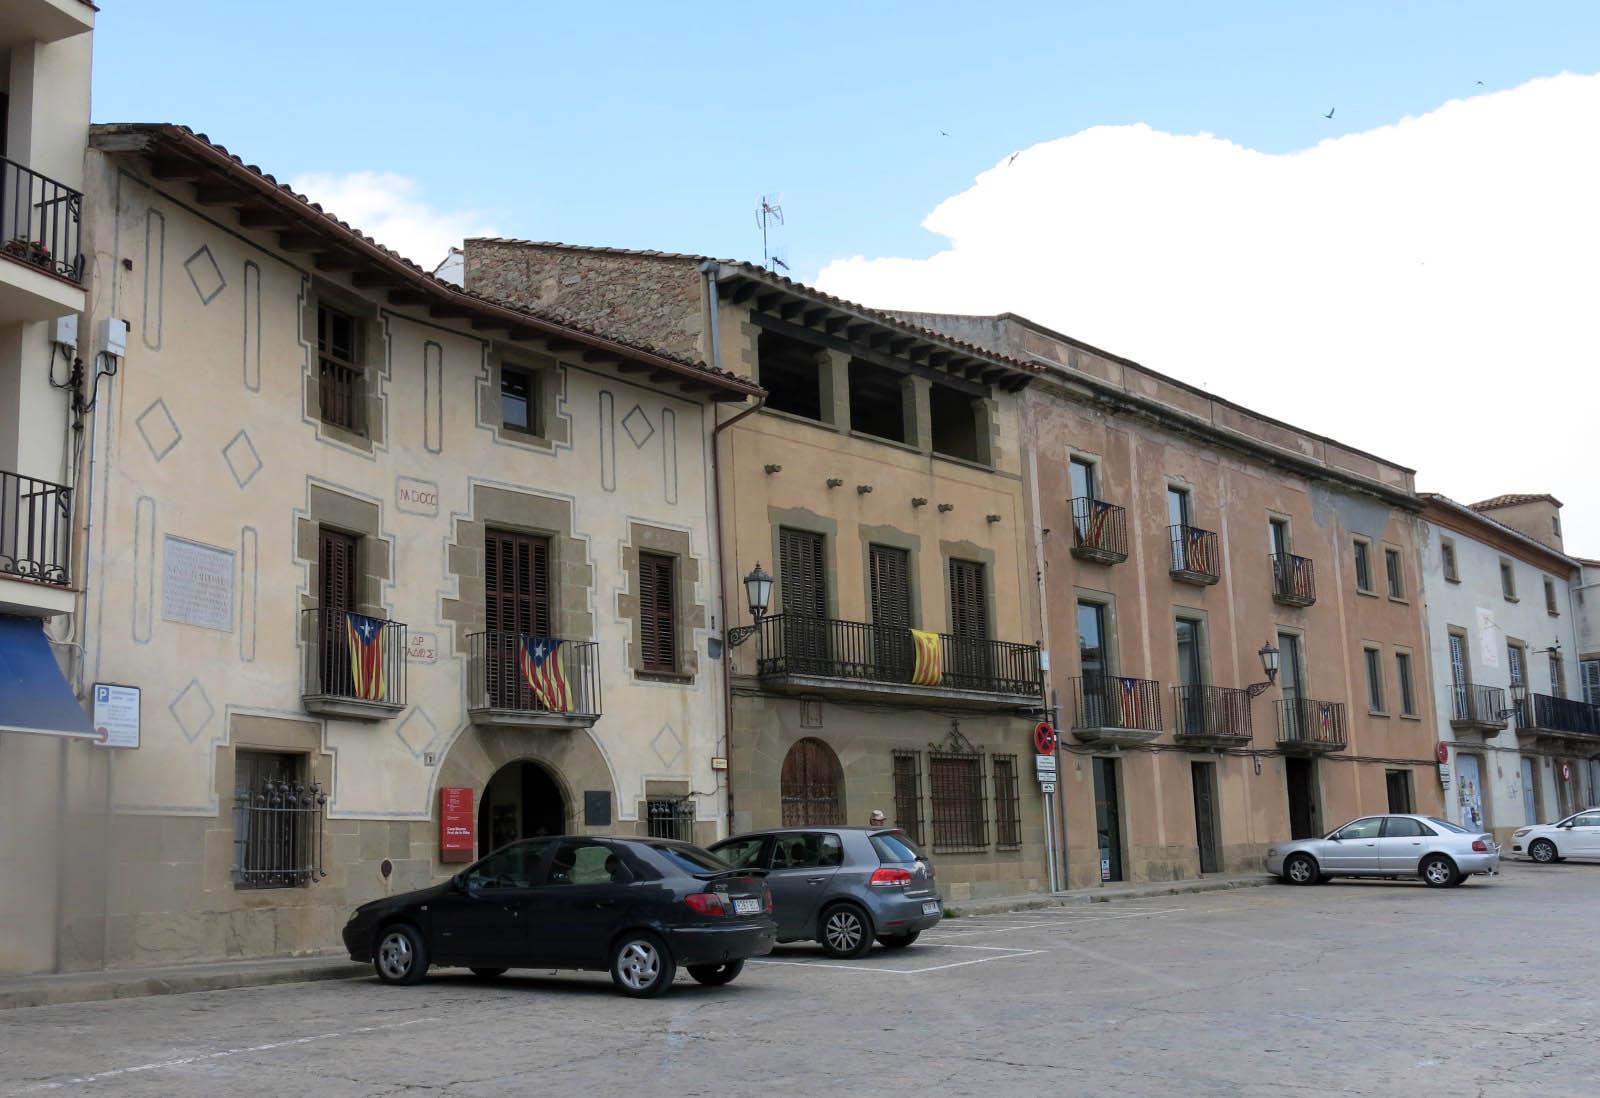 Plaça Prat de la Riba